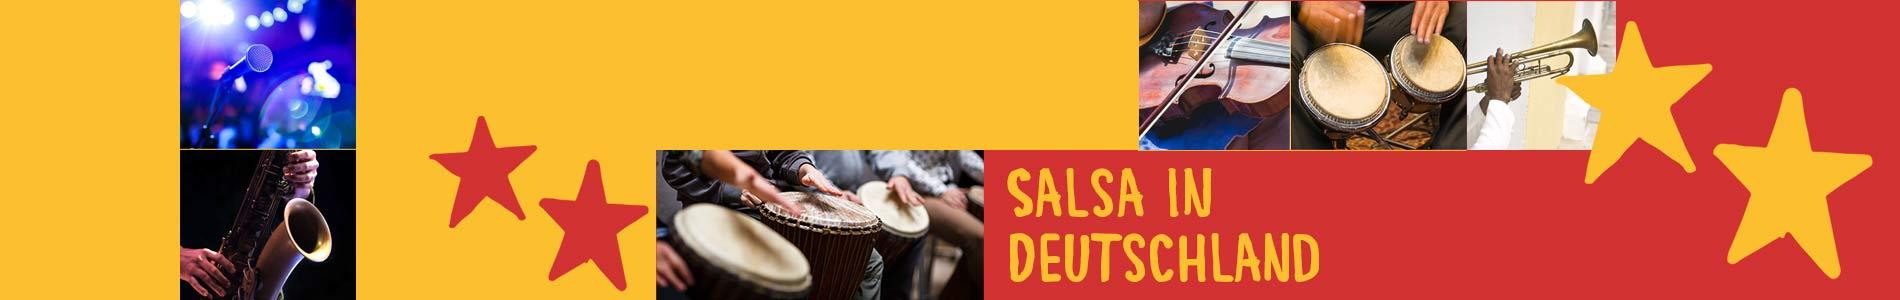 Salsa in Burgsinn – Salsa lernen und tanzen, Tanzkurse, Partys, Veranstaltungen